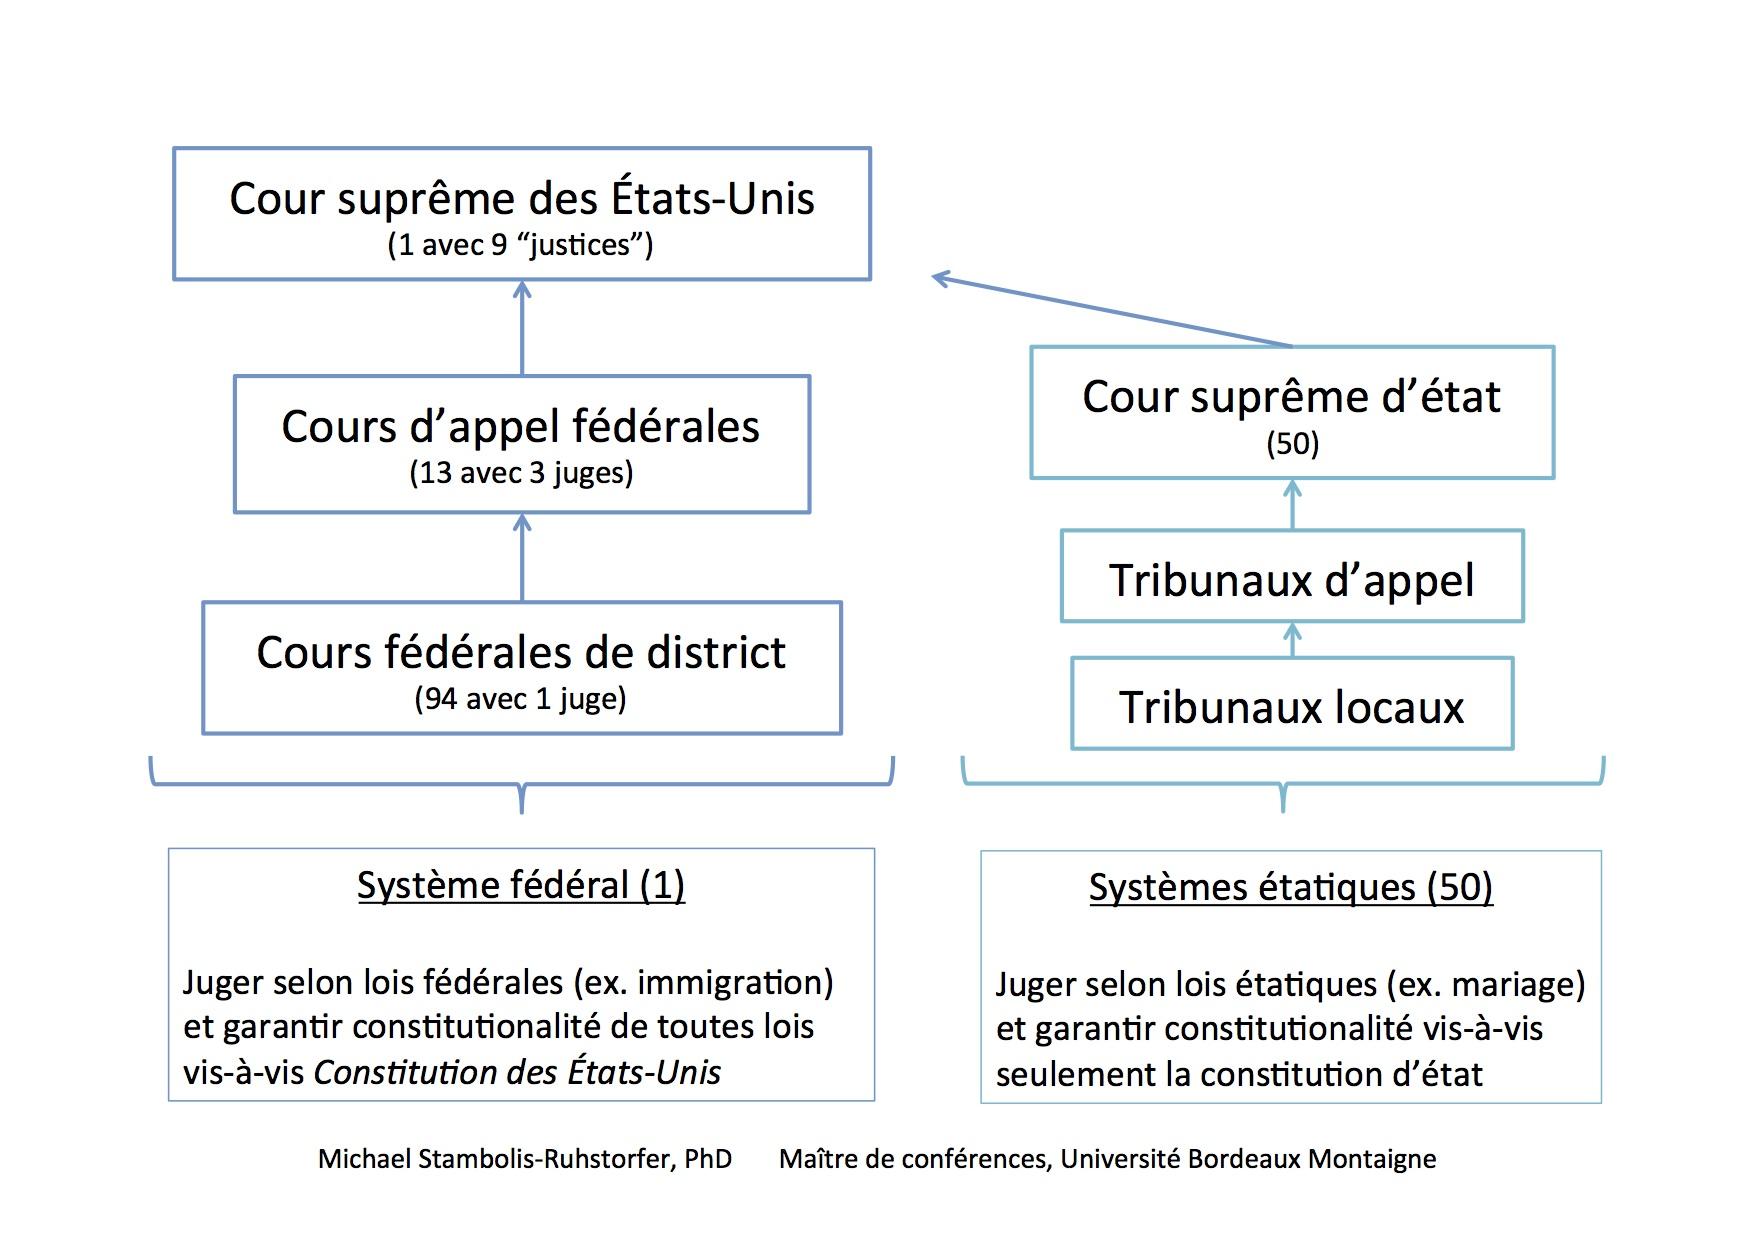 Comprendre Le Systeme Judiciaire Des Etats Unis En Un Clin D Oeil